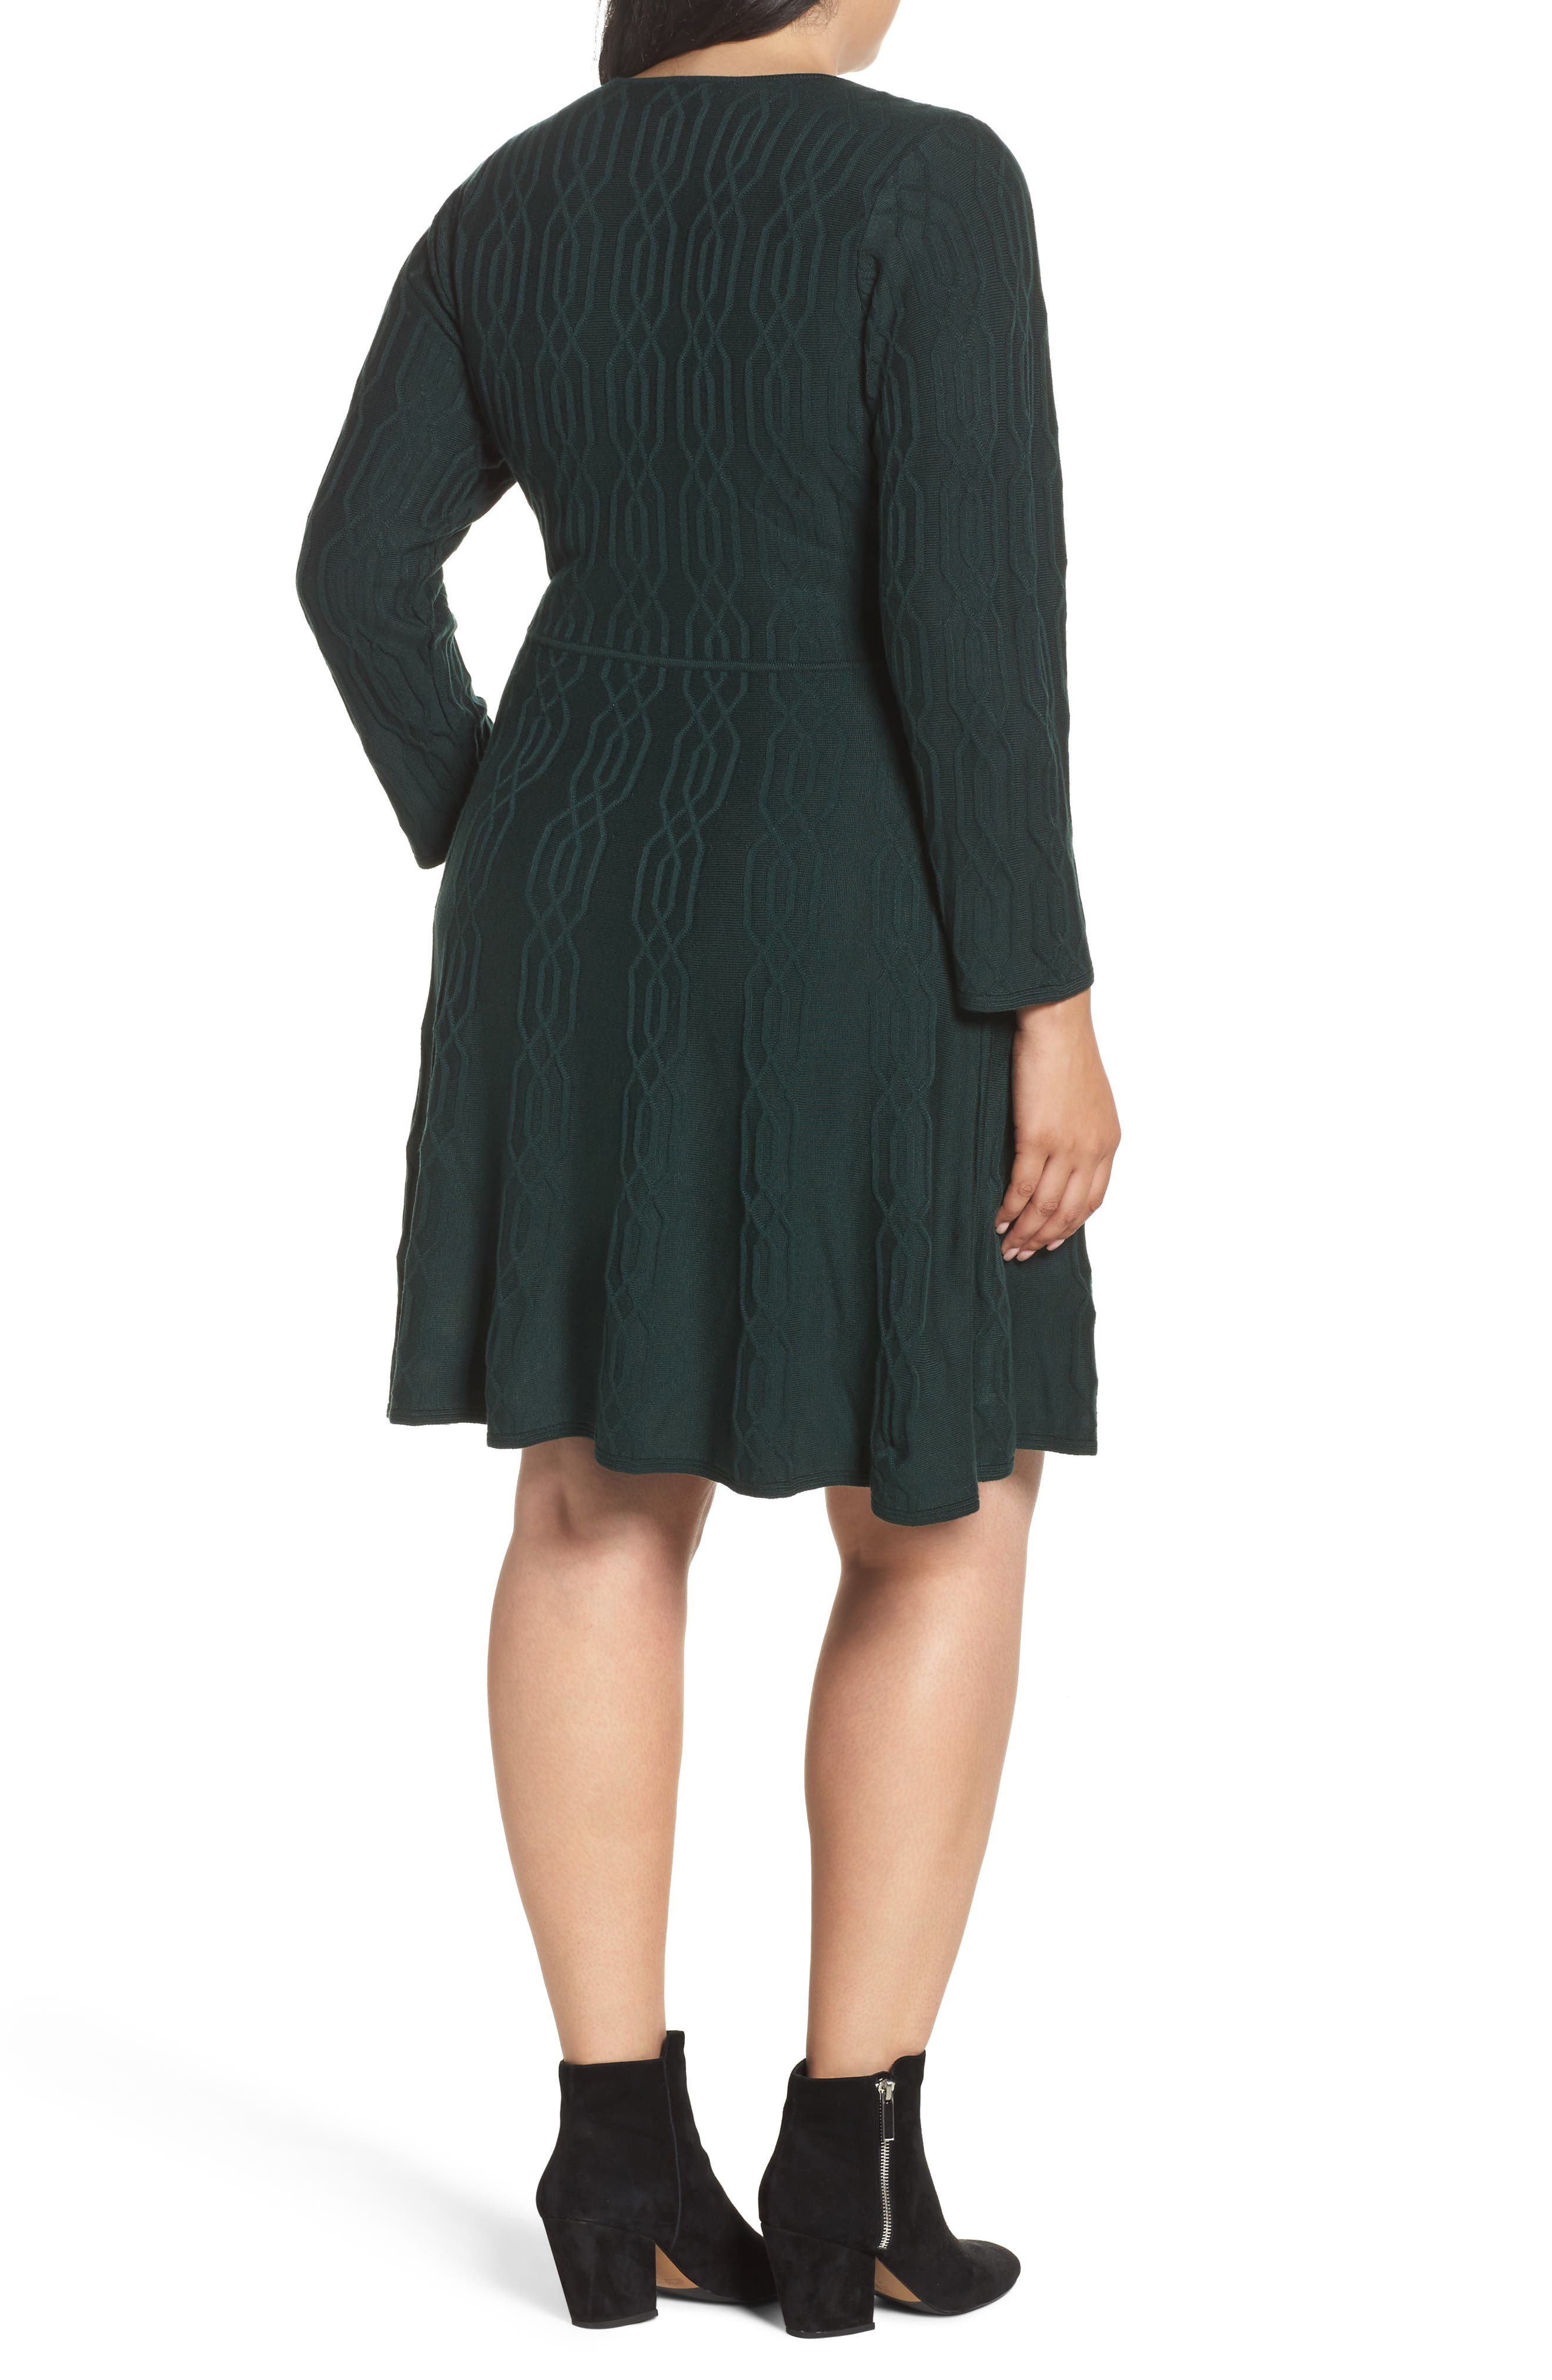 Jacquard Knit Fit & Flare Dress,                             Alternate thumbnail 2, color,                             Green